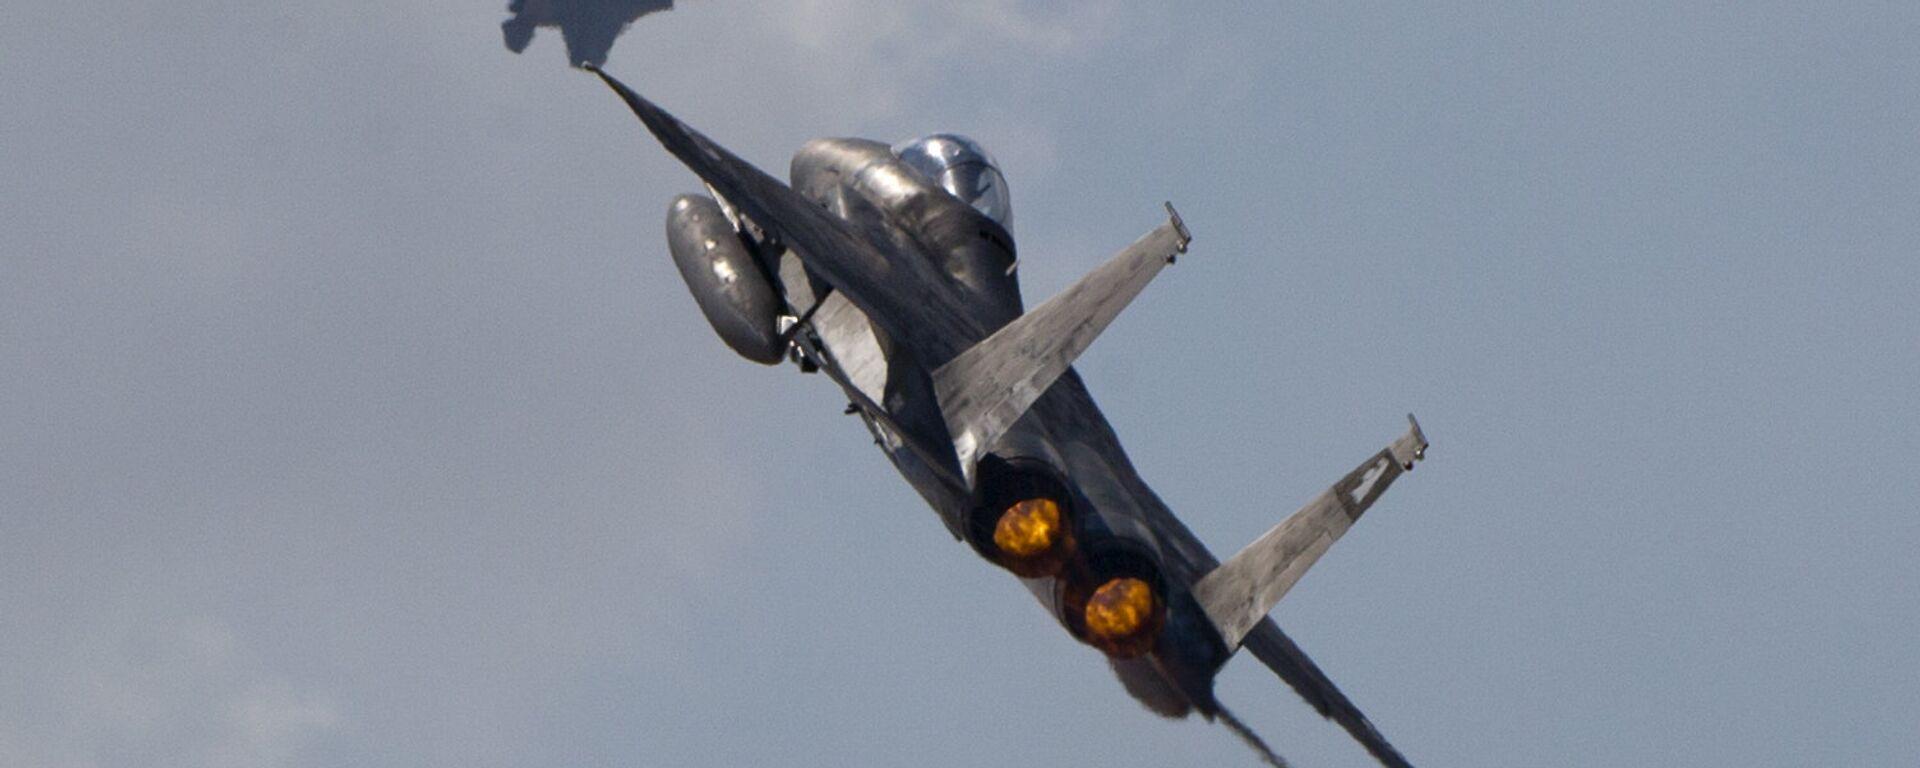 F-15 israele, esercito israele - Sputnik Italia, 1920, 20.07.2021